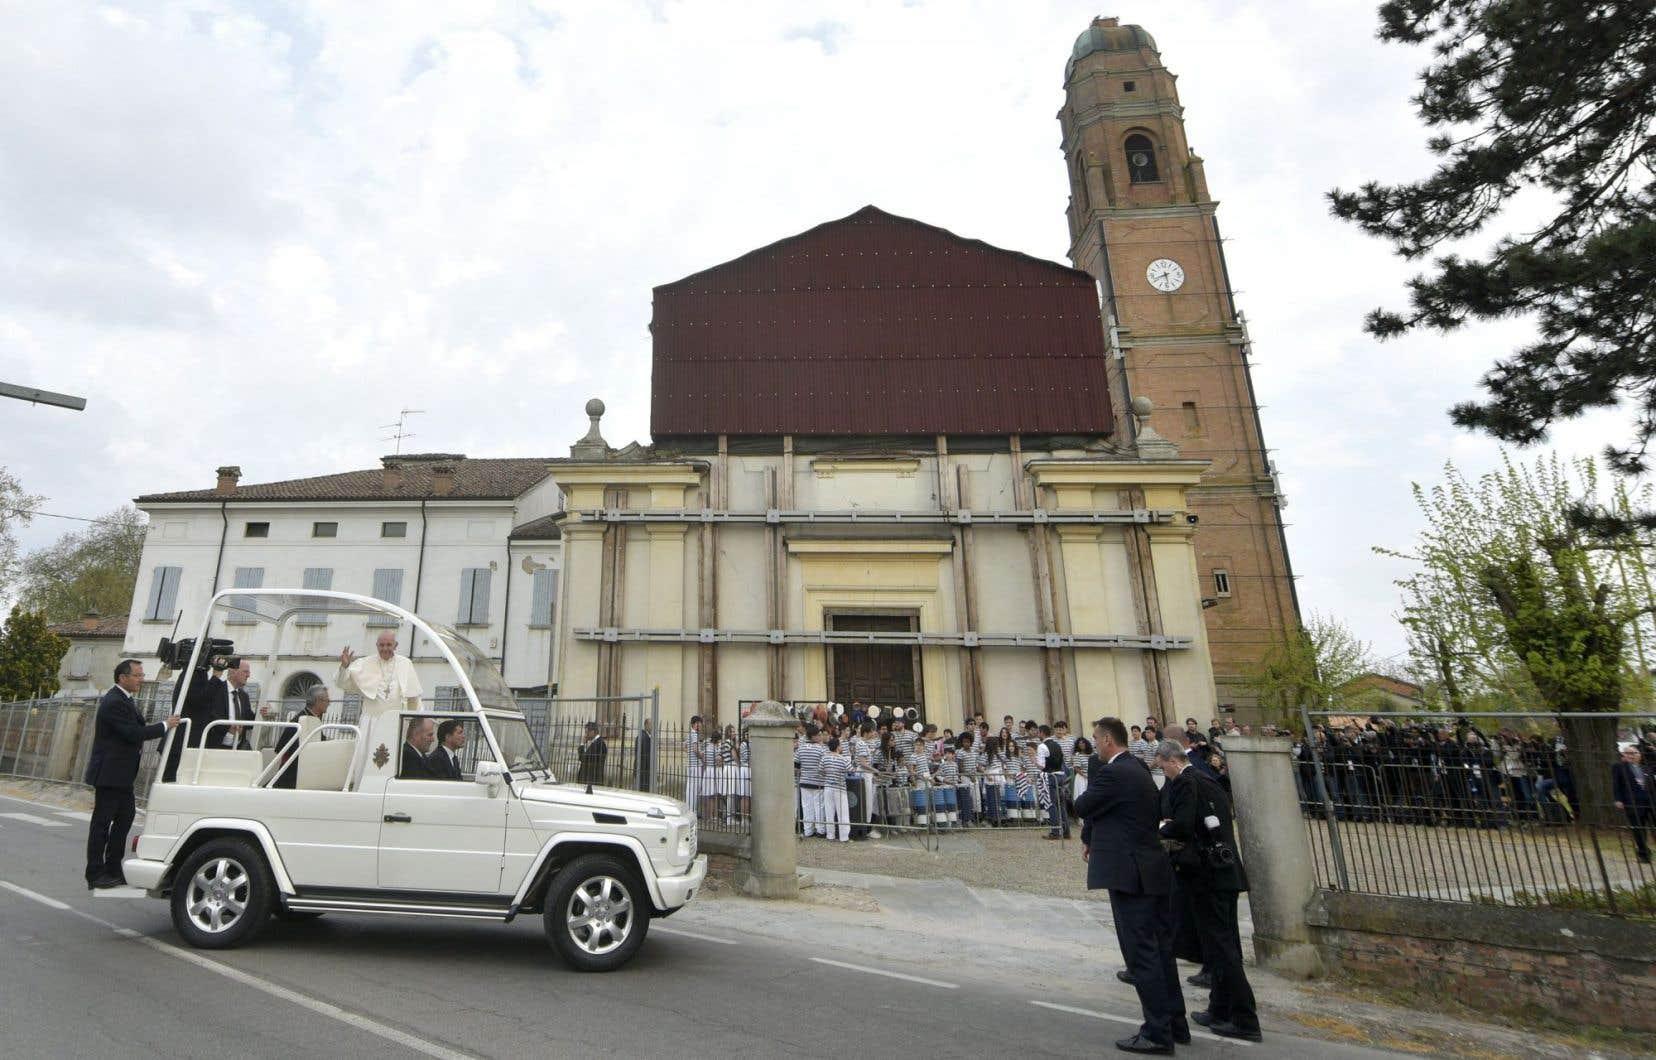 Le pape s'est exprimé devant la cathédrale de Mirandola, encore très endommagée par les séismes, qui ont fait 23 morts en mai 2012.